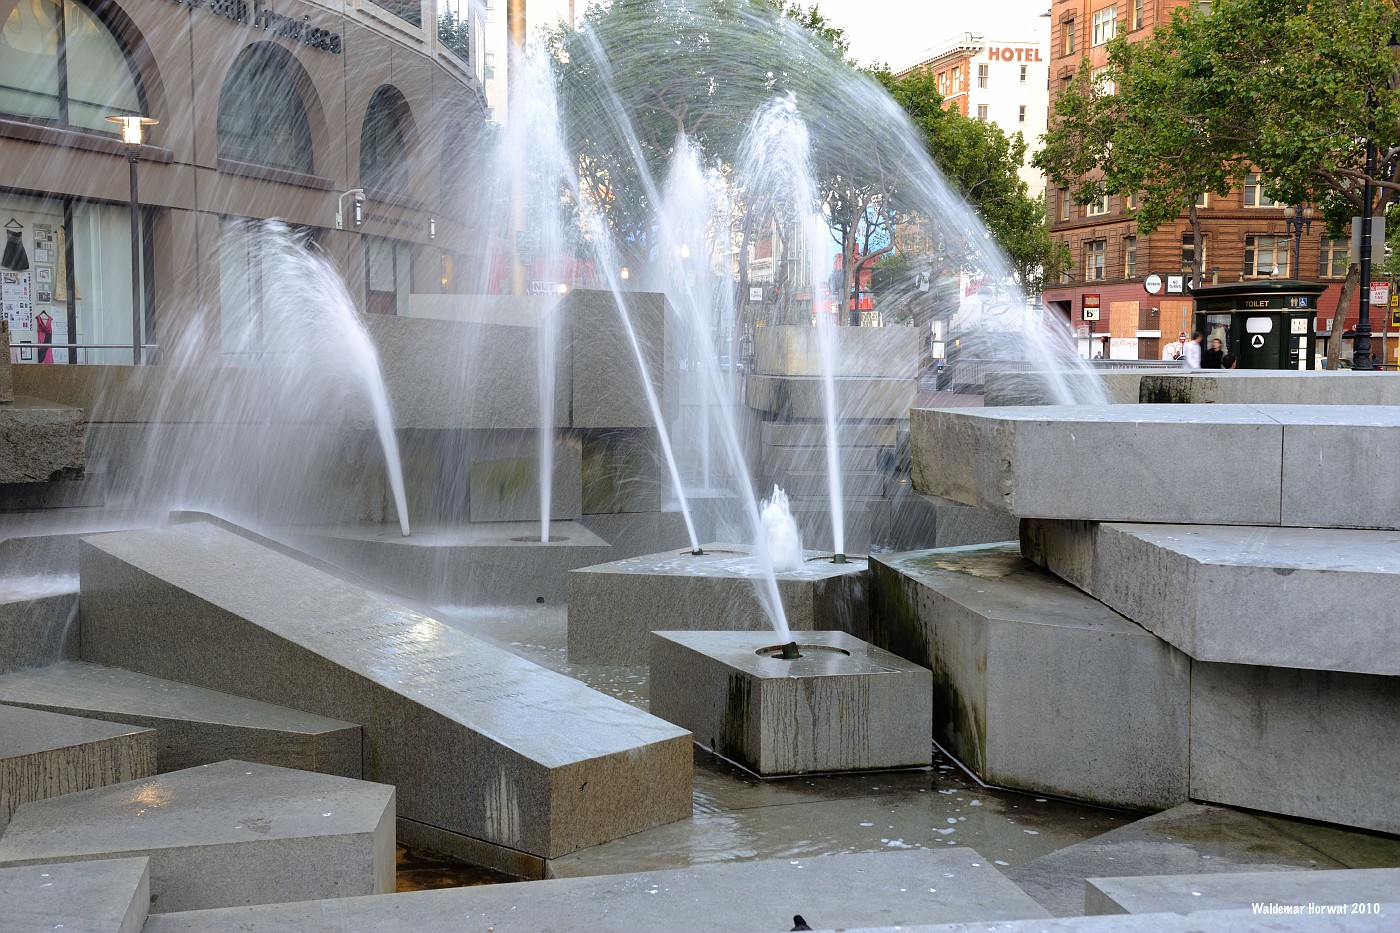 UN Plaza Fountain